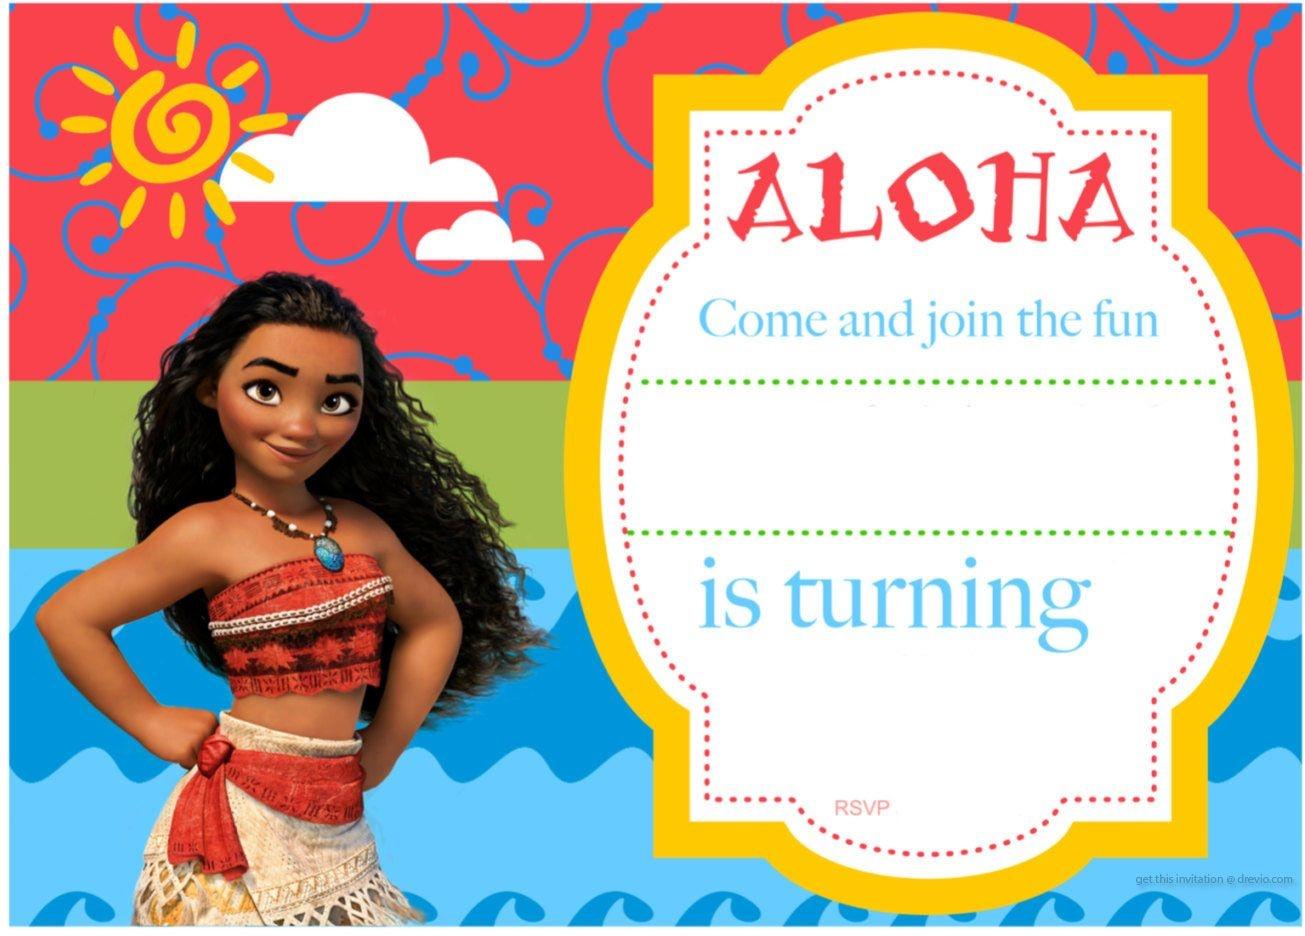 Free Printable Moana Birthday Invitation And Party   Free - Free Printable Moana Birthday Invitations